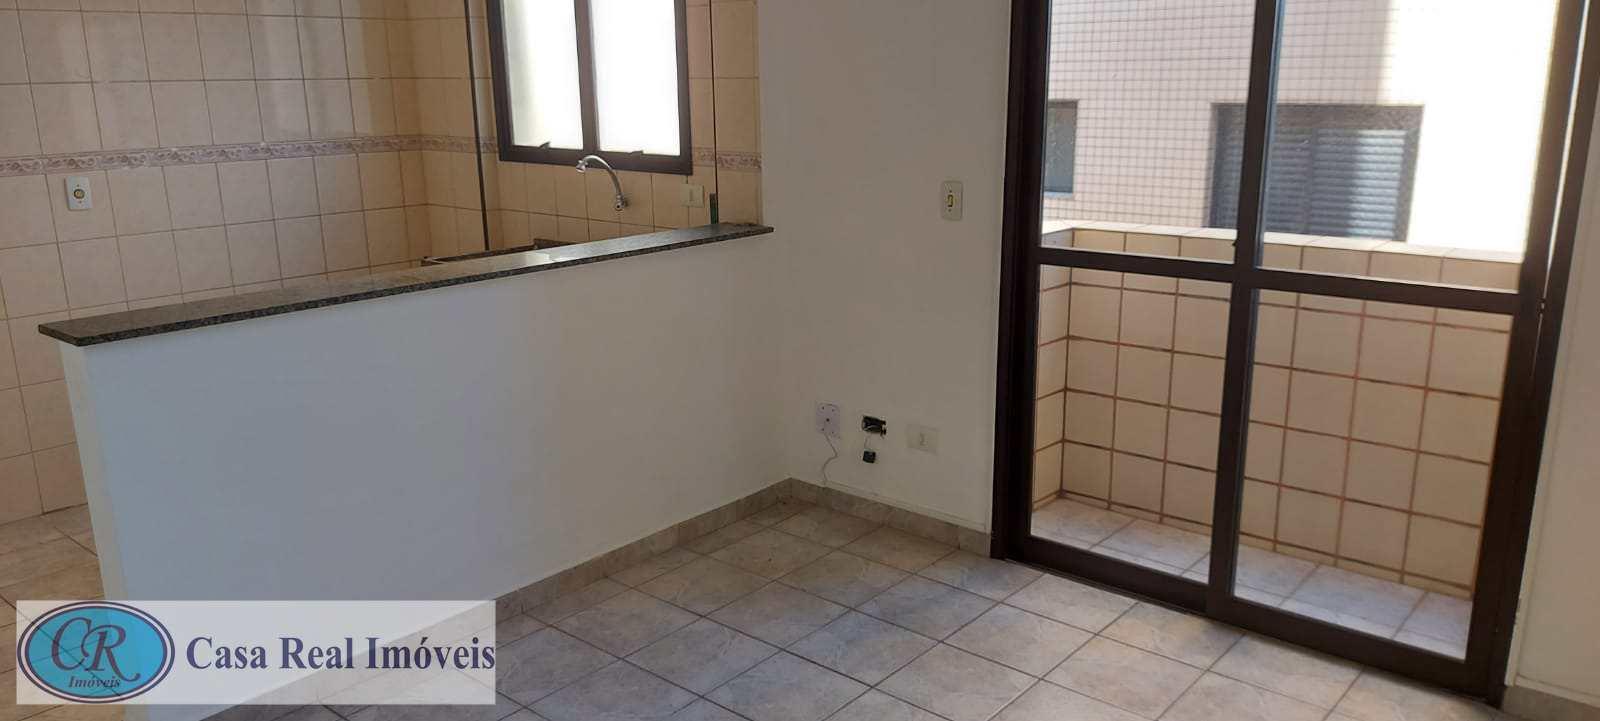 Apartamento com 2 dorms, Guilhermina, Praia Grande - R$ 210 mil, Cod: 739